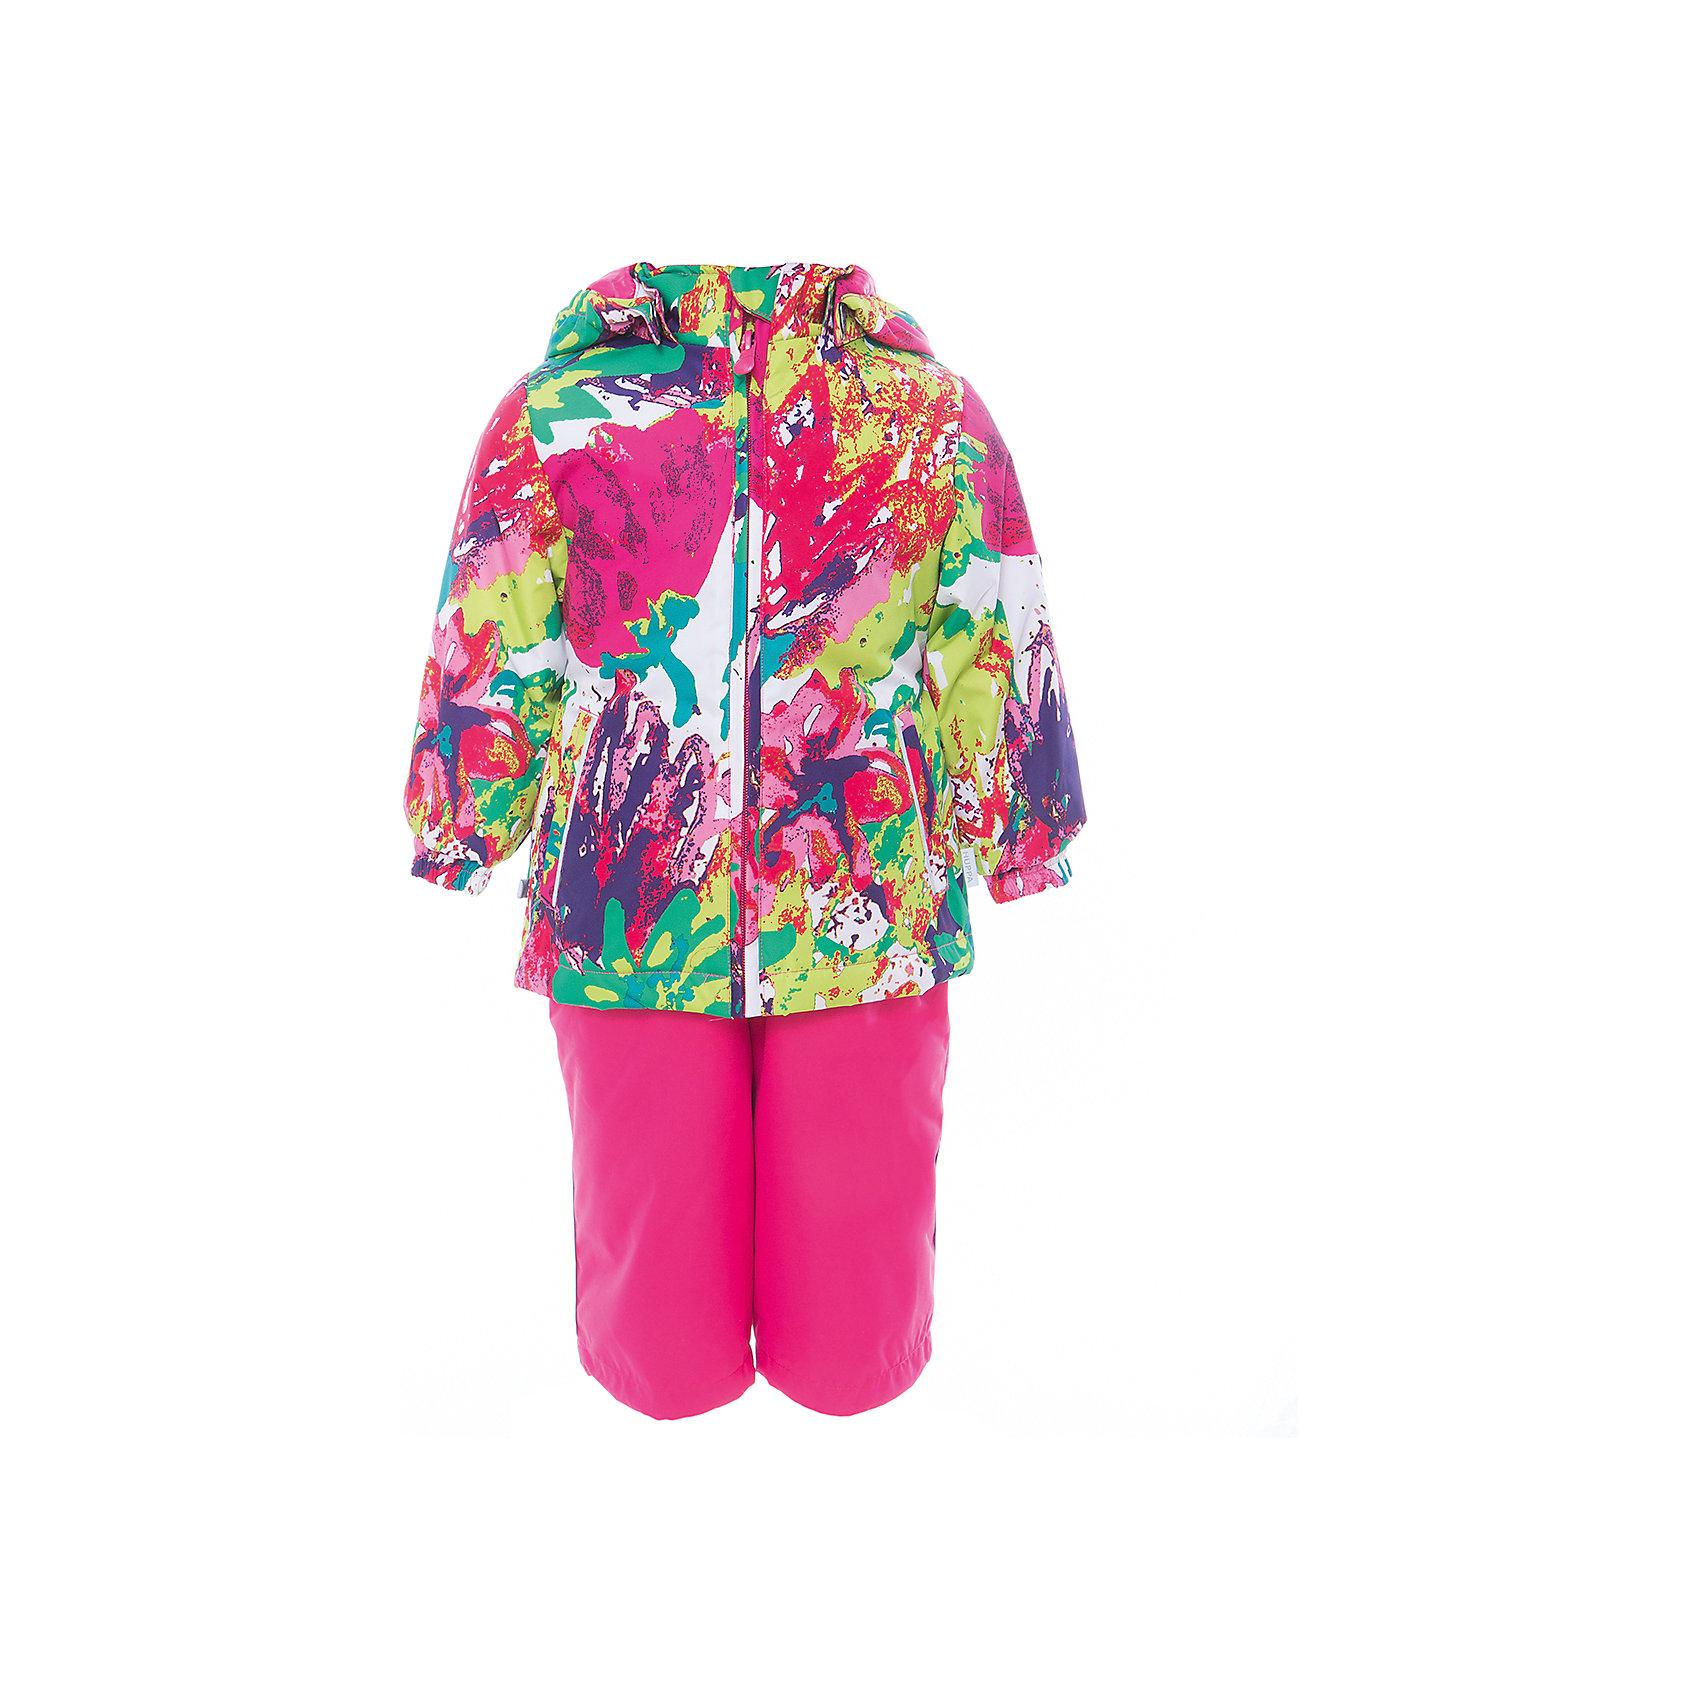 Комплект: куртка и полукомбинезон для девочки YONNE HuppaКомплекты<br>Характеристики товара:<br><br>• цвет: мультиколор/фуксия<br>• комплектация: куртка и полукомбинезон <br>• ткань: 100% полиэстер<br>• подкладка: тафта - 100% полиэстер<br>• утеплитель: куртка и полукомбинезон - 100% полиэстер 100 г.<br>• температурный режим: от -5°С до +10°С<br>• водонепроницаемость: верх - 5000 мм, низ - 10000 мм<br>• воздухопроницаемость: верх - 5000 мм, низ - 10000 мм<br>• светоотражающие детали<br>• шов сидения проклеен<br>• съёмный капюшон с резинкой<br>• защита подбородка от молнии<br>• эластичные манжеты на рукавах<br>• регулируемый низ брючин<br>• эластичный шнур с фиксатором внизу брючин<br>• без внутренних швов<br>• резиновые подтяжки<br>• коллекция: весна-лето 2017<br>• страна бренда: Эстония<br><br>Такой модный демисезонный комплект  обеспечит детям тепло и комфорт. Он сделан из материала, отталкивающего воду, и дополнен подкладкой с утеплителем, поэтому изделие идеально подходит для межсезонья. Материал изделий - с мембранной технологией: защищая от влаги и ветра, он легко выводит лишнюю влагу наружу. Комплект очень симпатично смотрится. <br><br>Одежда и обувь от популярного эстонского бренда Huppa - отличный вариант одеть ребенка можно и комфортно. Вещи, выпускаемые компанией, качественные, продуманные и очень удобные. Для производства изделий используются только безопасные для детей материалы. Продукция от Huppa порадует и детей, и их родителей!<br><br>Комплект: куртка и полукомбинезон YONNE от бренда Huppa (Хуппа) можно купить в нашем интернет-магазине.<br><br>Ширина мм: 356<br>Глубина мм: 10<br>Высота мм: 245<br>Вес г: 519<br>Цвет: белый<br>Возраст от месяцев: 72<br>Возраст до месяцев: 84<br>Пол: Женский<br>Возраст: Детский<br>Размер: 122,80,86,92,98,104,110,116<br>SKU: 5346627